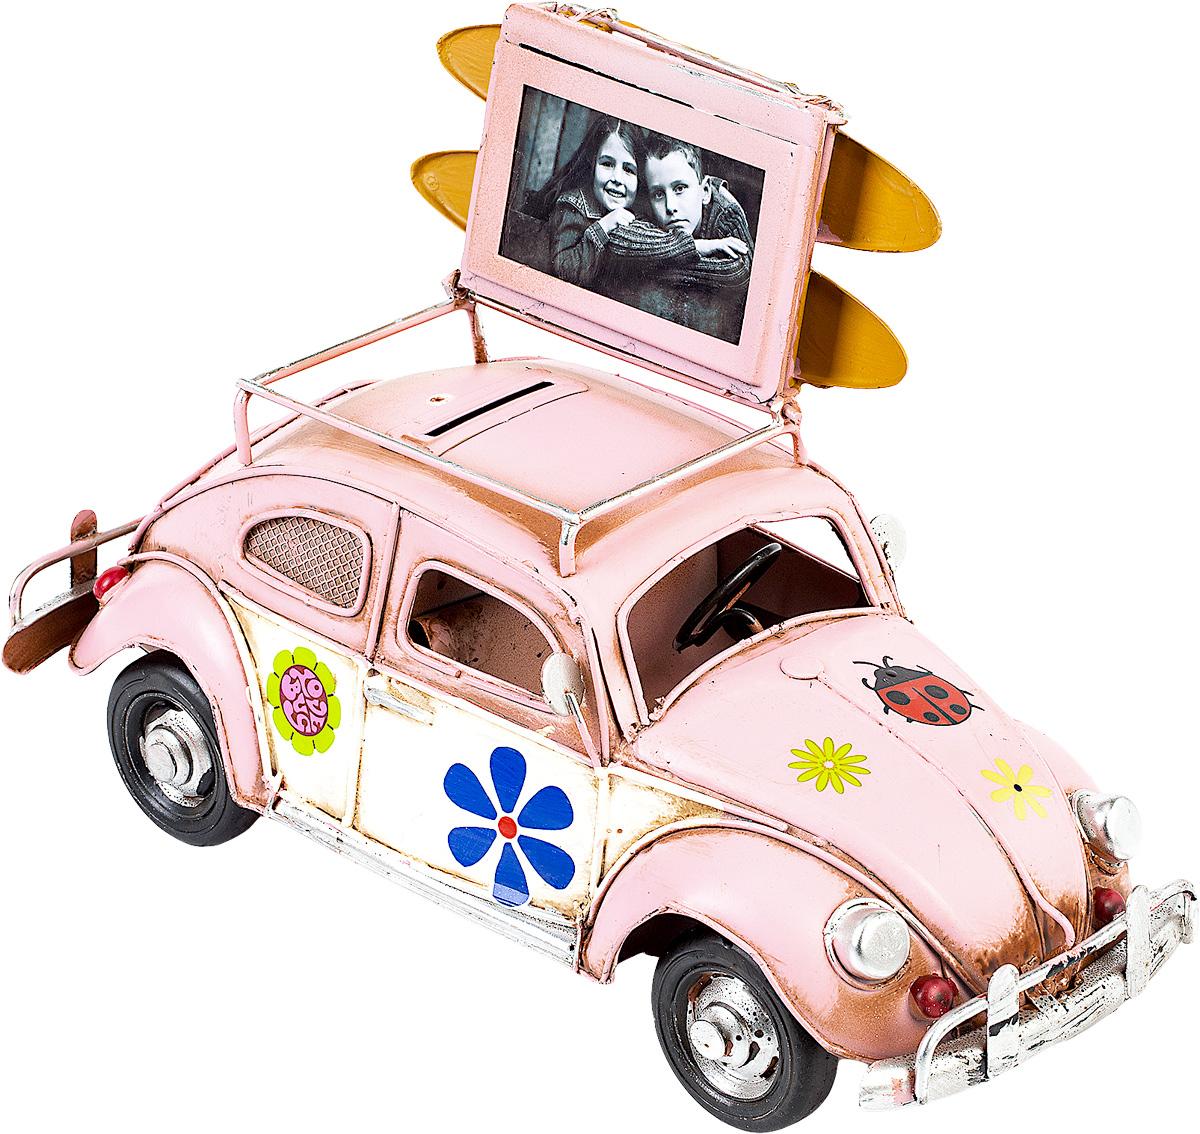 Модель Platinum Автомобиль, с фоторамкой и копилкой. 1404E-43381404E-4338Модель Platinum Автомобиль, выполненная из металла, станет оригинальным украшением интерьера. Вы можете поставить модель ретро- автомобиля в любом месте, где она будет удачно смотреться. Изделие дополнено копилкой и фоторамкой, куда вы можете вставить вашу любимую фотографию. Качество исполнения, точные детали и оригинальный дизайн выделяют эту модель среди ряда подобных. Модель займет достойное место в вашей коллекции, а также приятно удивит получателя в качестве стильного сувенира.